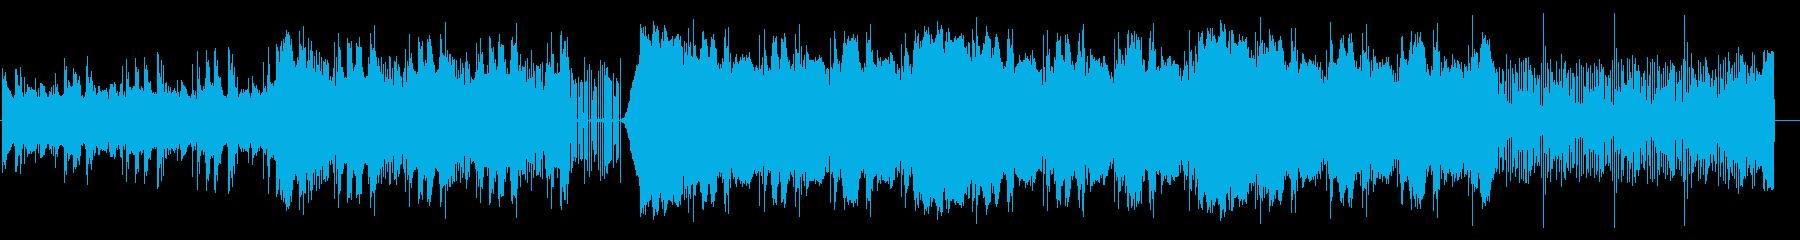 エレクトリック、電気的なBGMの再生済みの波形